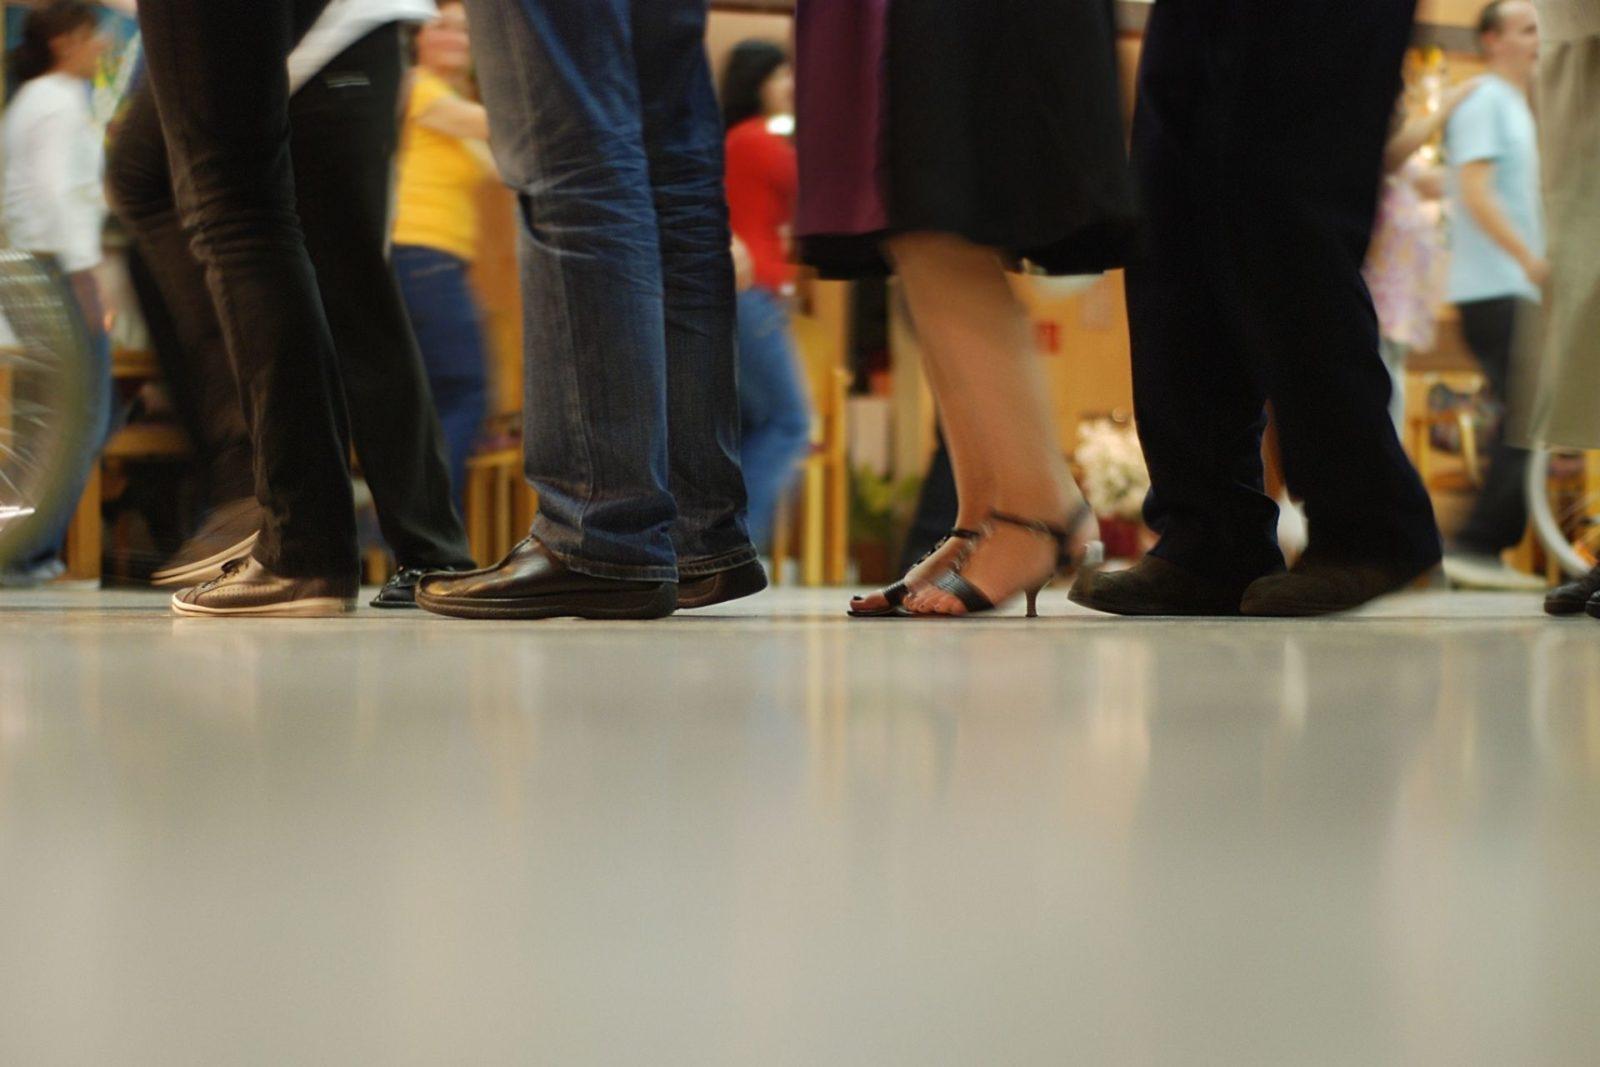 pessoas fila de espera precatorios inss 2020 trf3 empresa precato